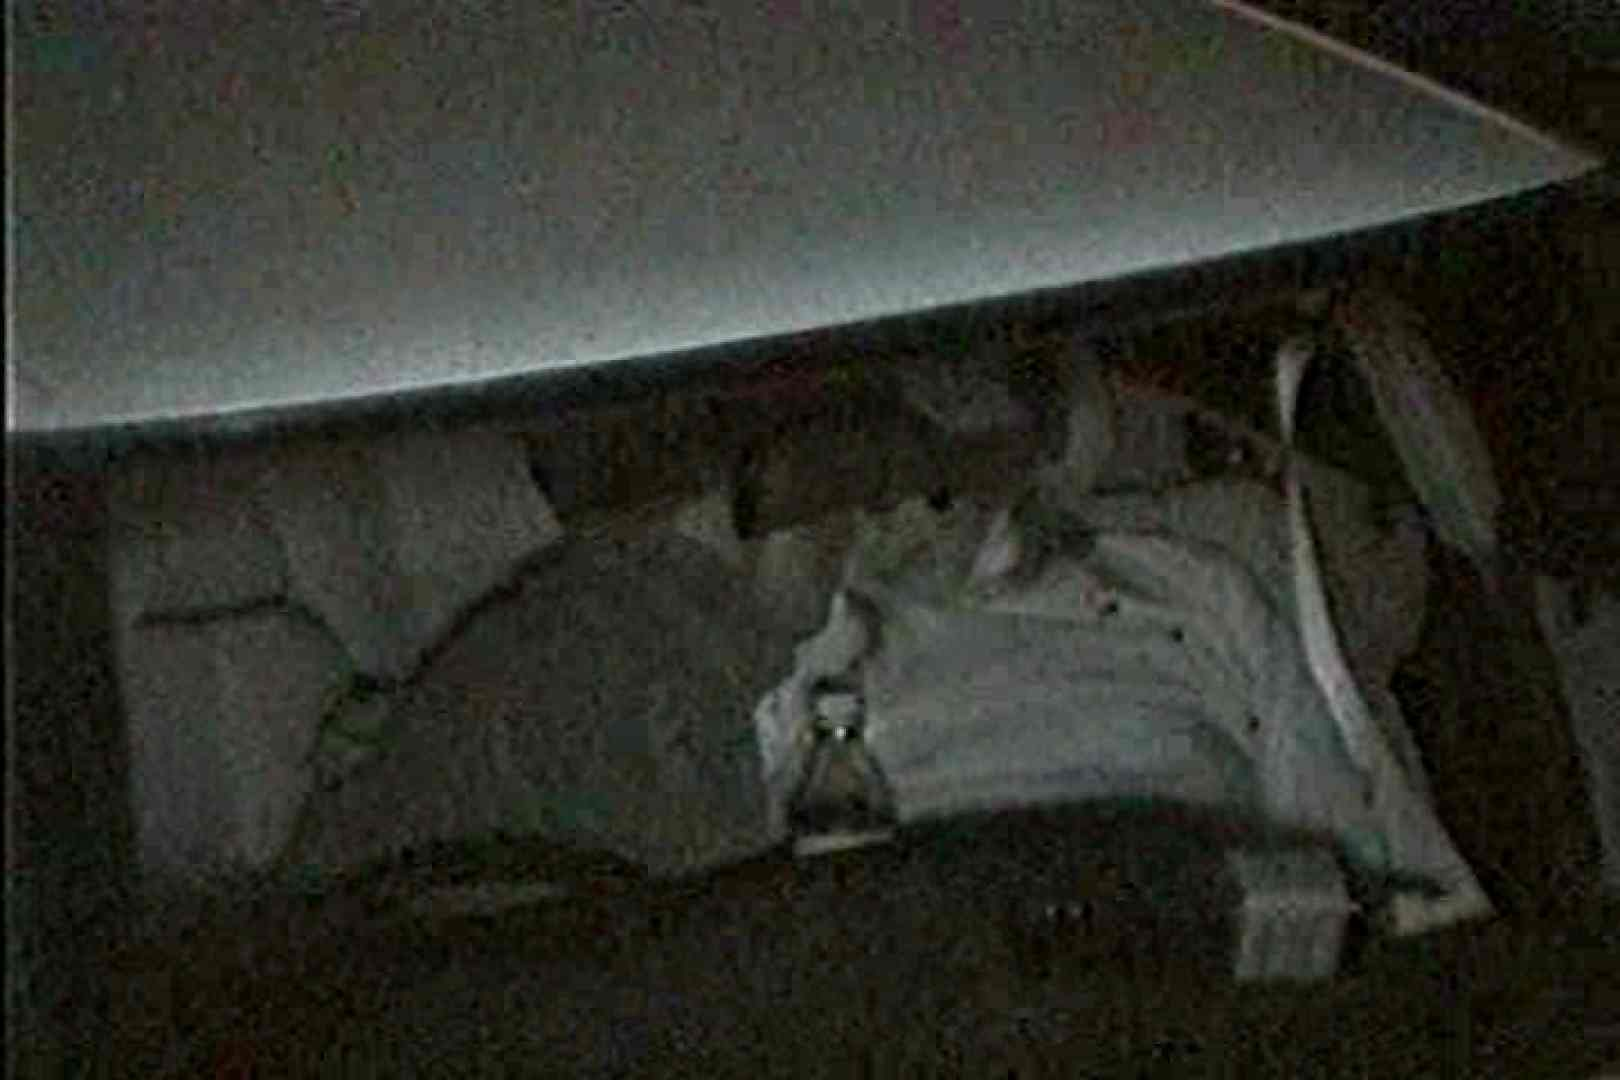 車の中はラブホテル 無修正版  Vol.8 ラブホテル AV無料動画キャプチャ 102PIX 15